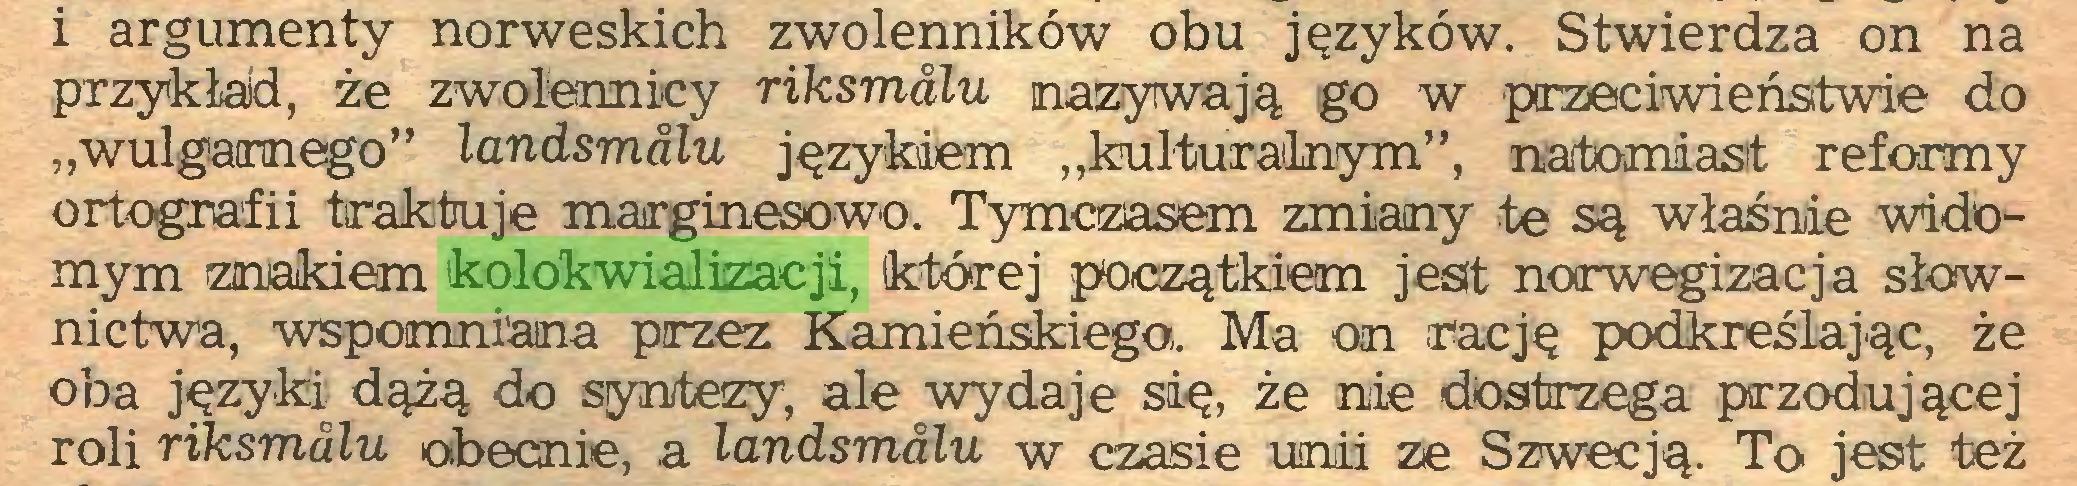 """(...) i argumenty norweskich zwolenników obu języków. Stwierdza on na przykład, że zwolennicy riksmalu nazywają go w przeciwieństwie do """"wulgarnego"""" landsmalu językiem """"kulturalnym"""", natomiast reformy ortografii traktuje marginesowo. Tymczasem zmiany te są właśnie widomym znakiem kolokwializacji, której początkiem jeslt norwegizacja słownictwa, wspomniana przez Kamieńskiego. Ma on rację podkreślając, że oba języki dążą do syntezy, ale wydaje się, że nie dostrzega przodującej roli riksmalu obecnie, a landsmalu w czasie unii ze Szwecją. To jest też..."""